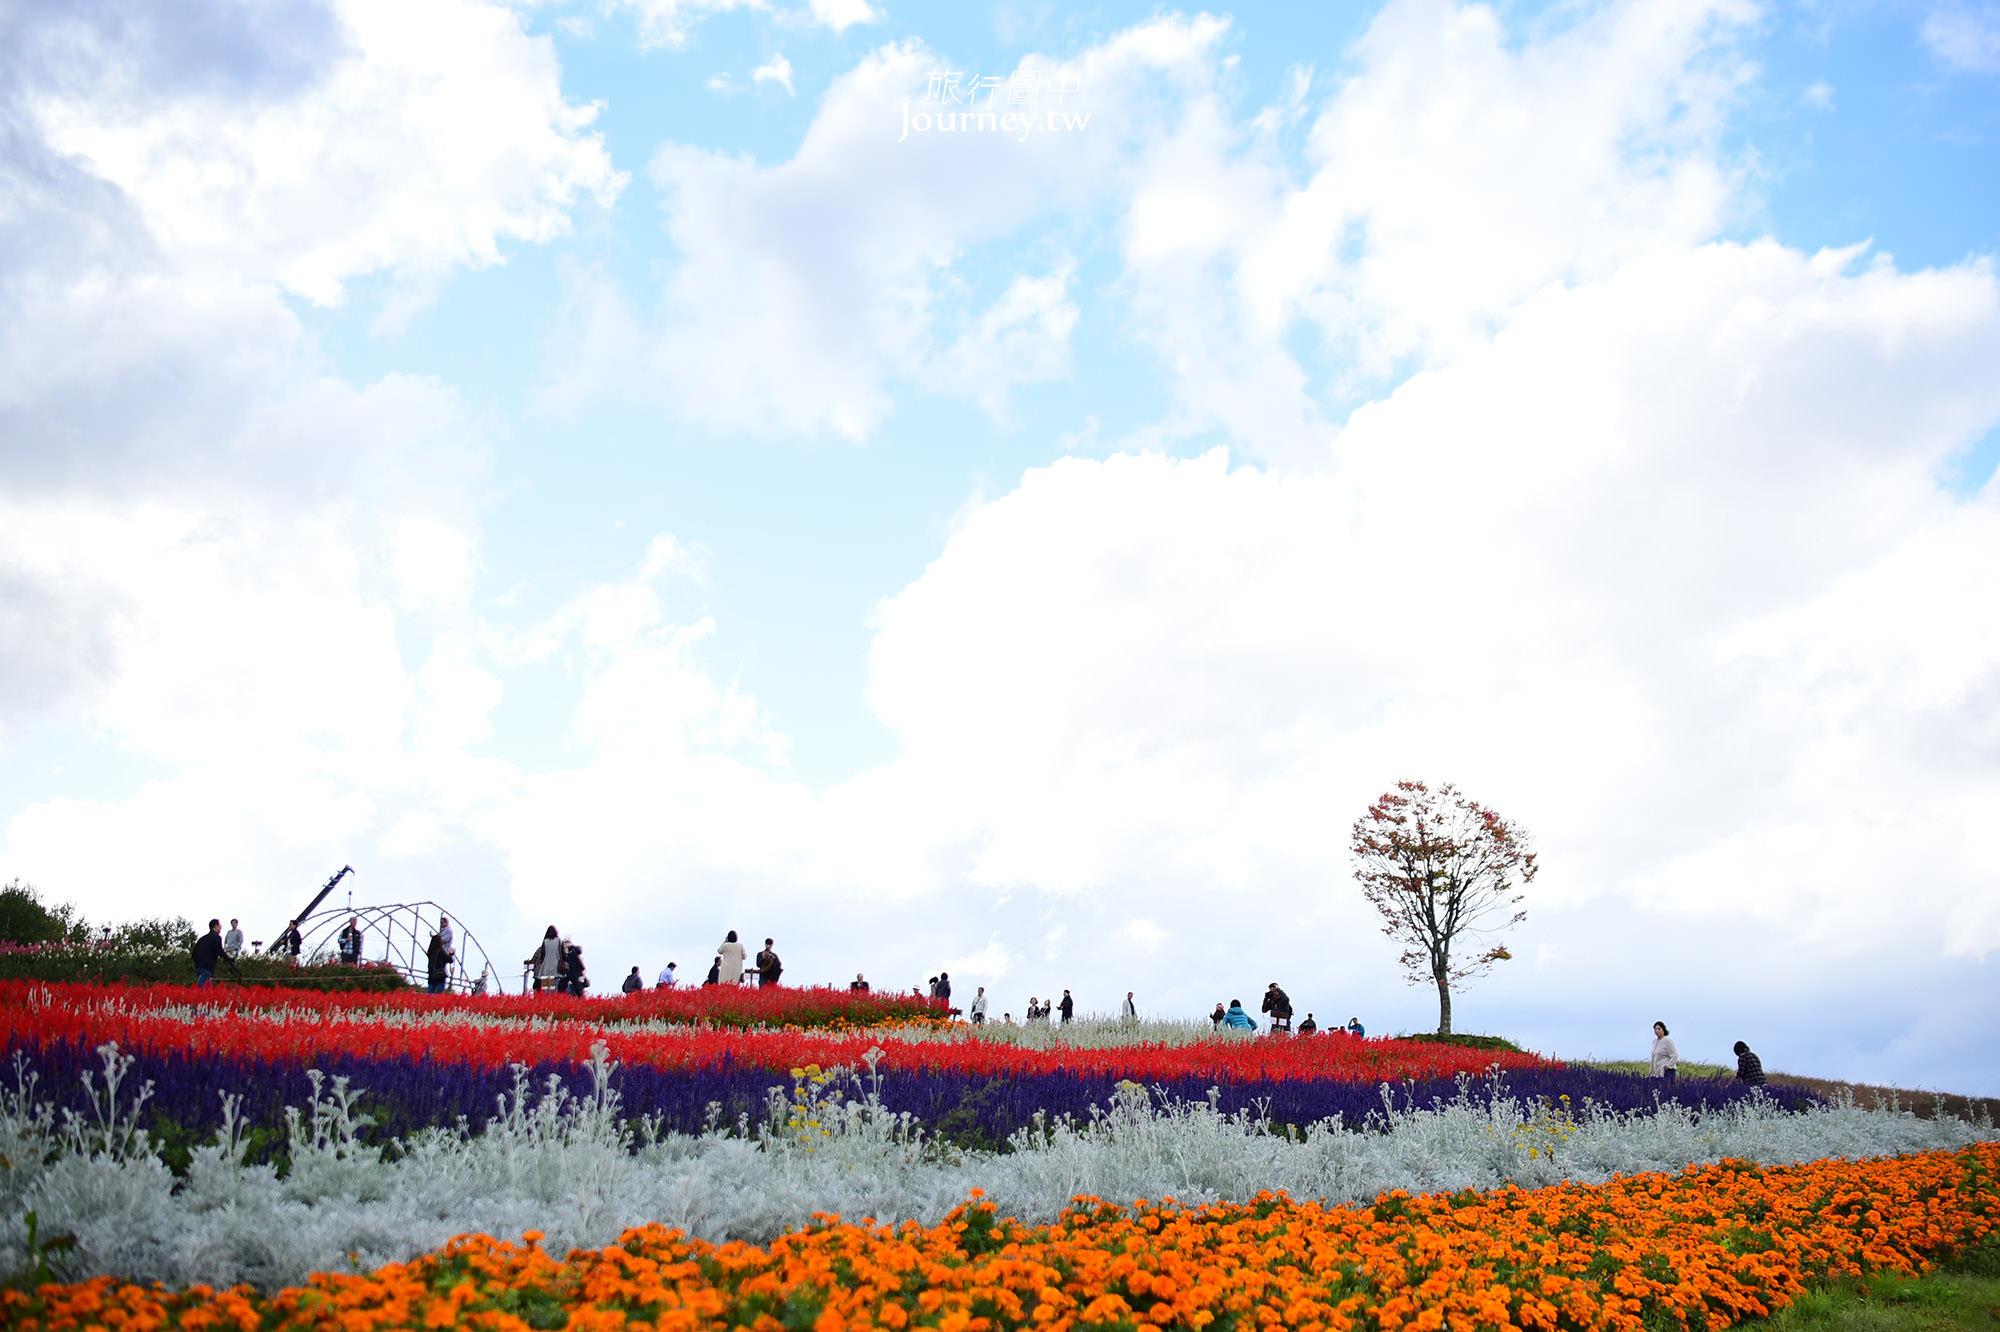 北海道景點,美瑛,花海,北海道賞花,秋天,四季彩之丘